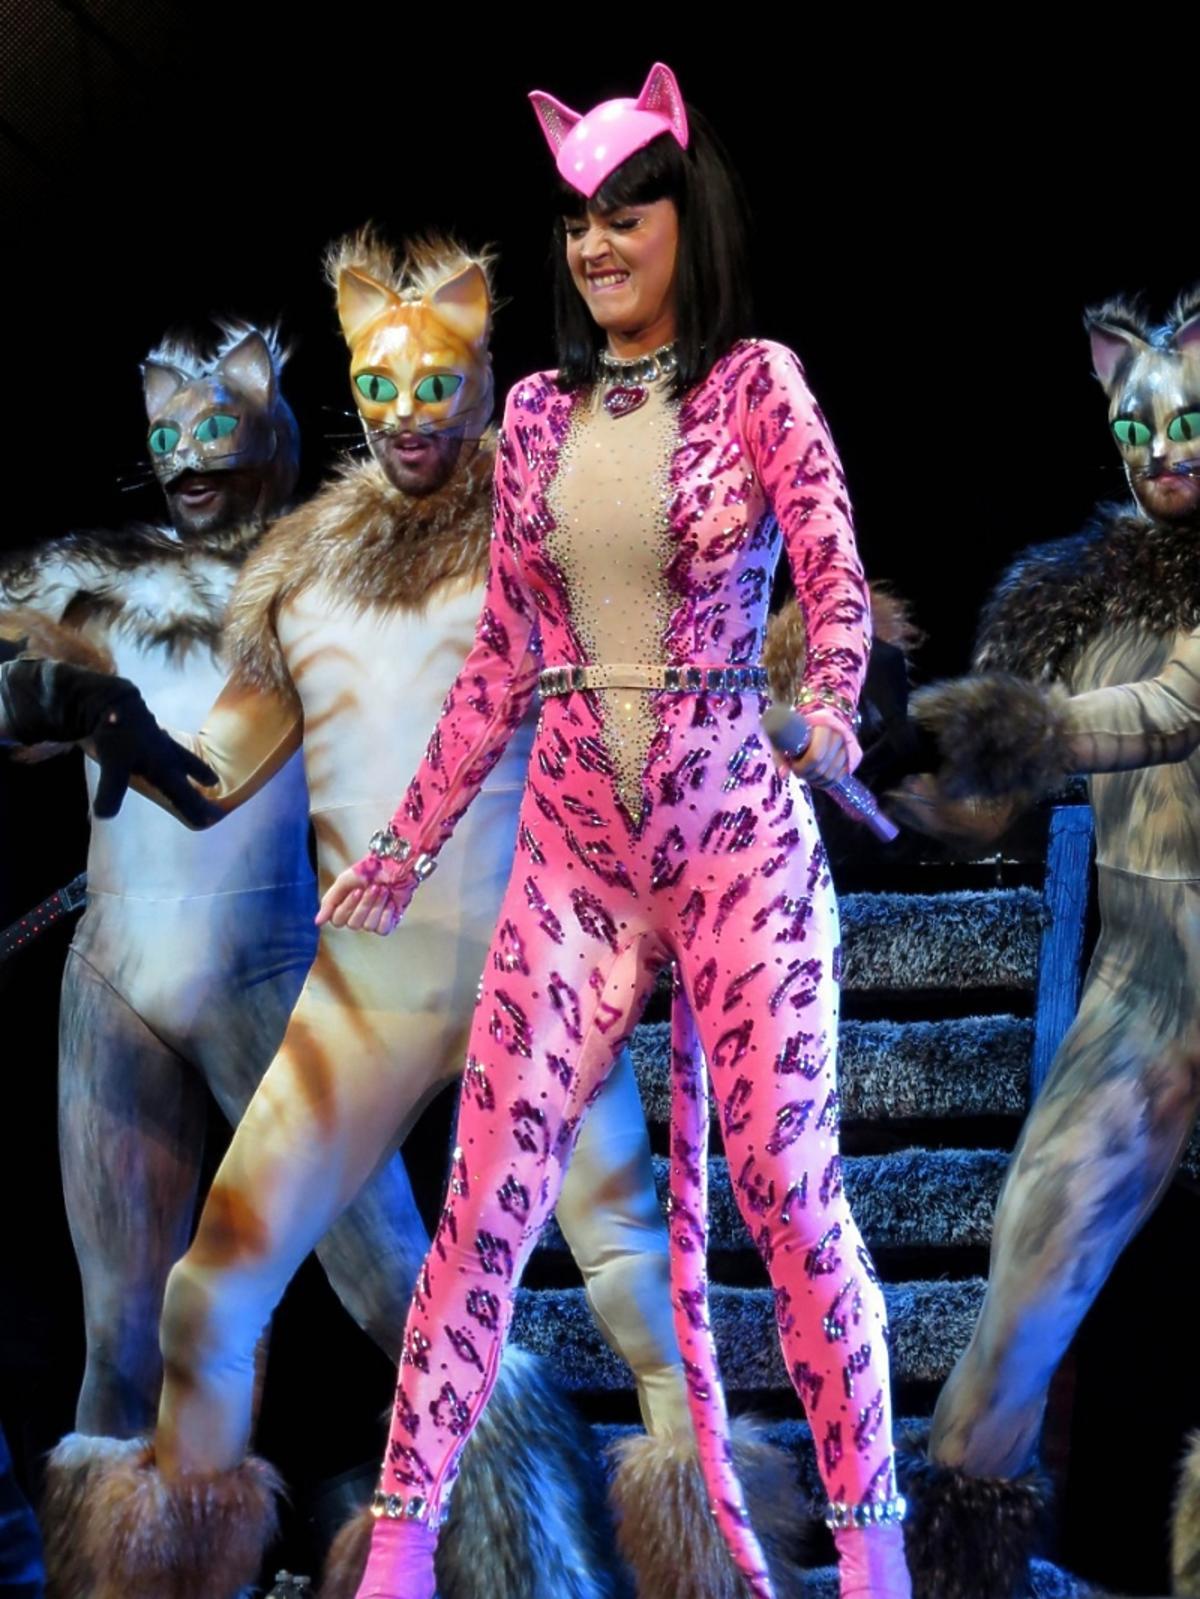 Katy Perry w stroju kota tańczy na scenie w towarzystwie tancerzy na koncercie w Kalifornii